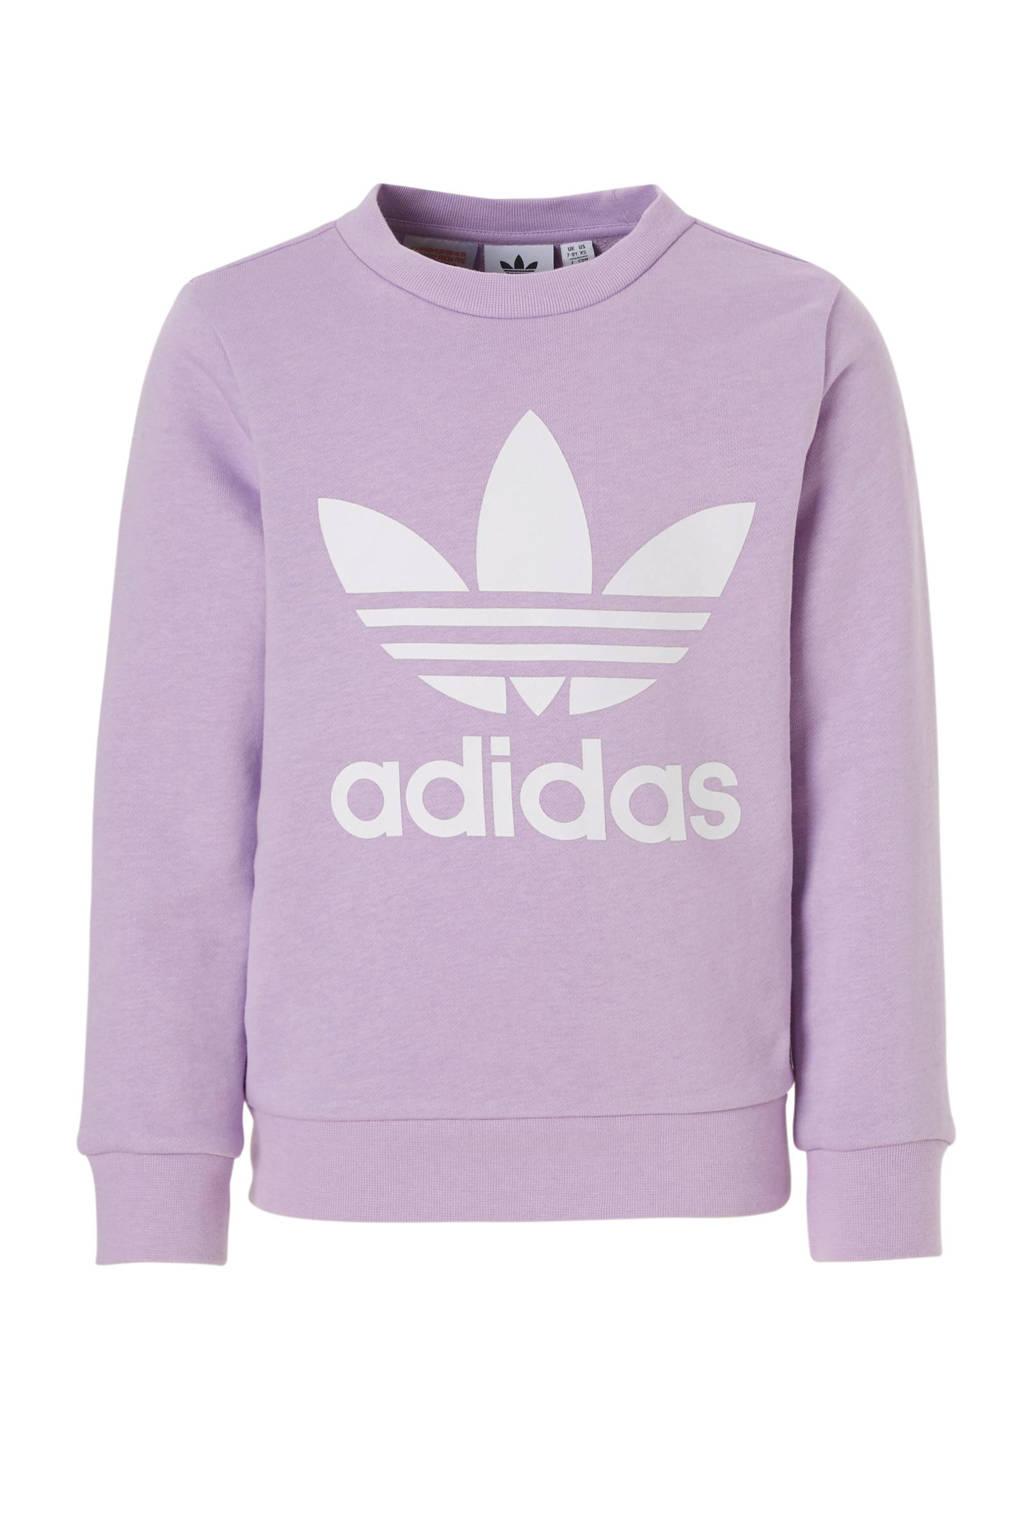 adidas Originals sweater lichtpaars, Lichtpaars